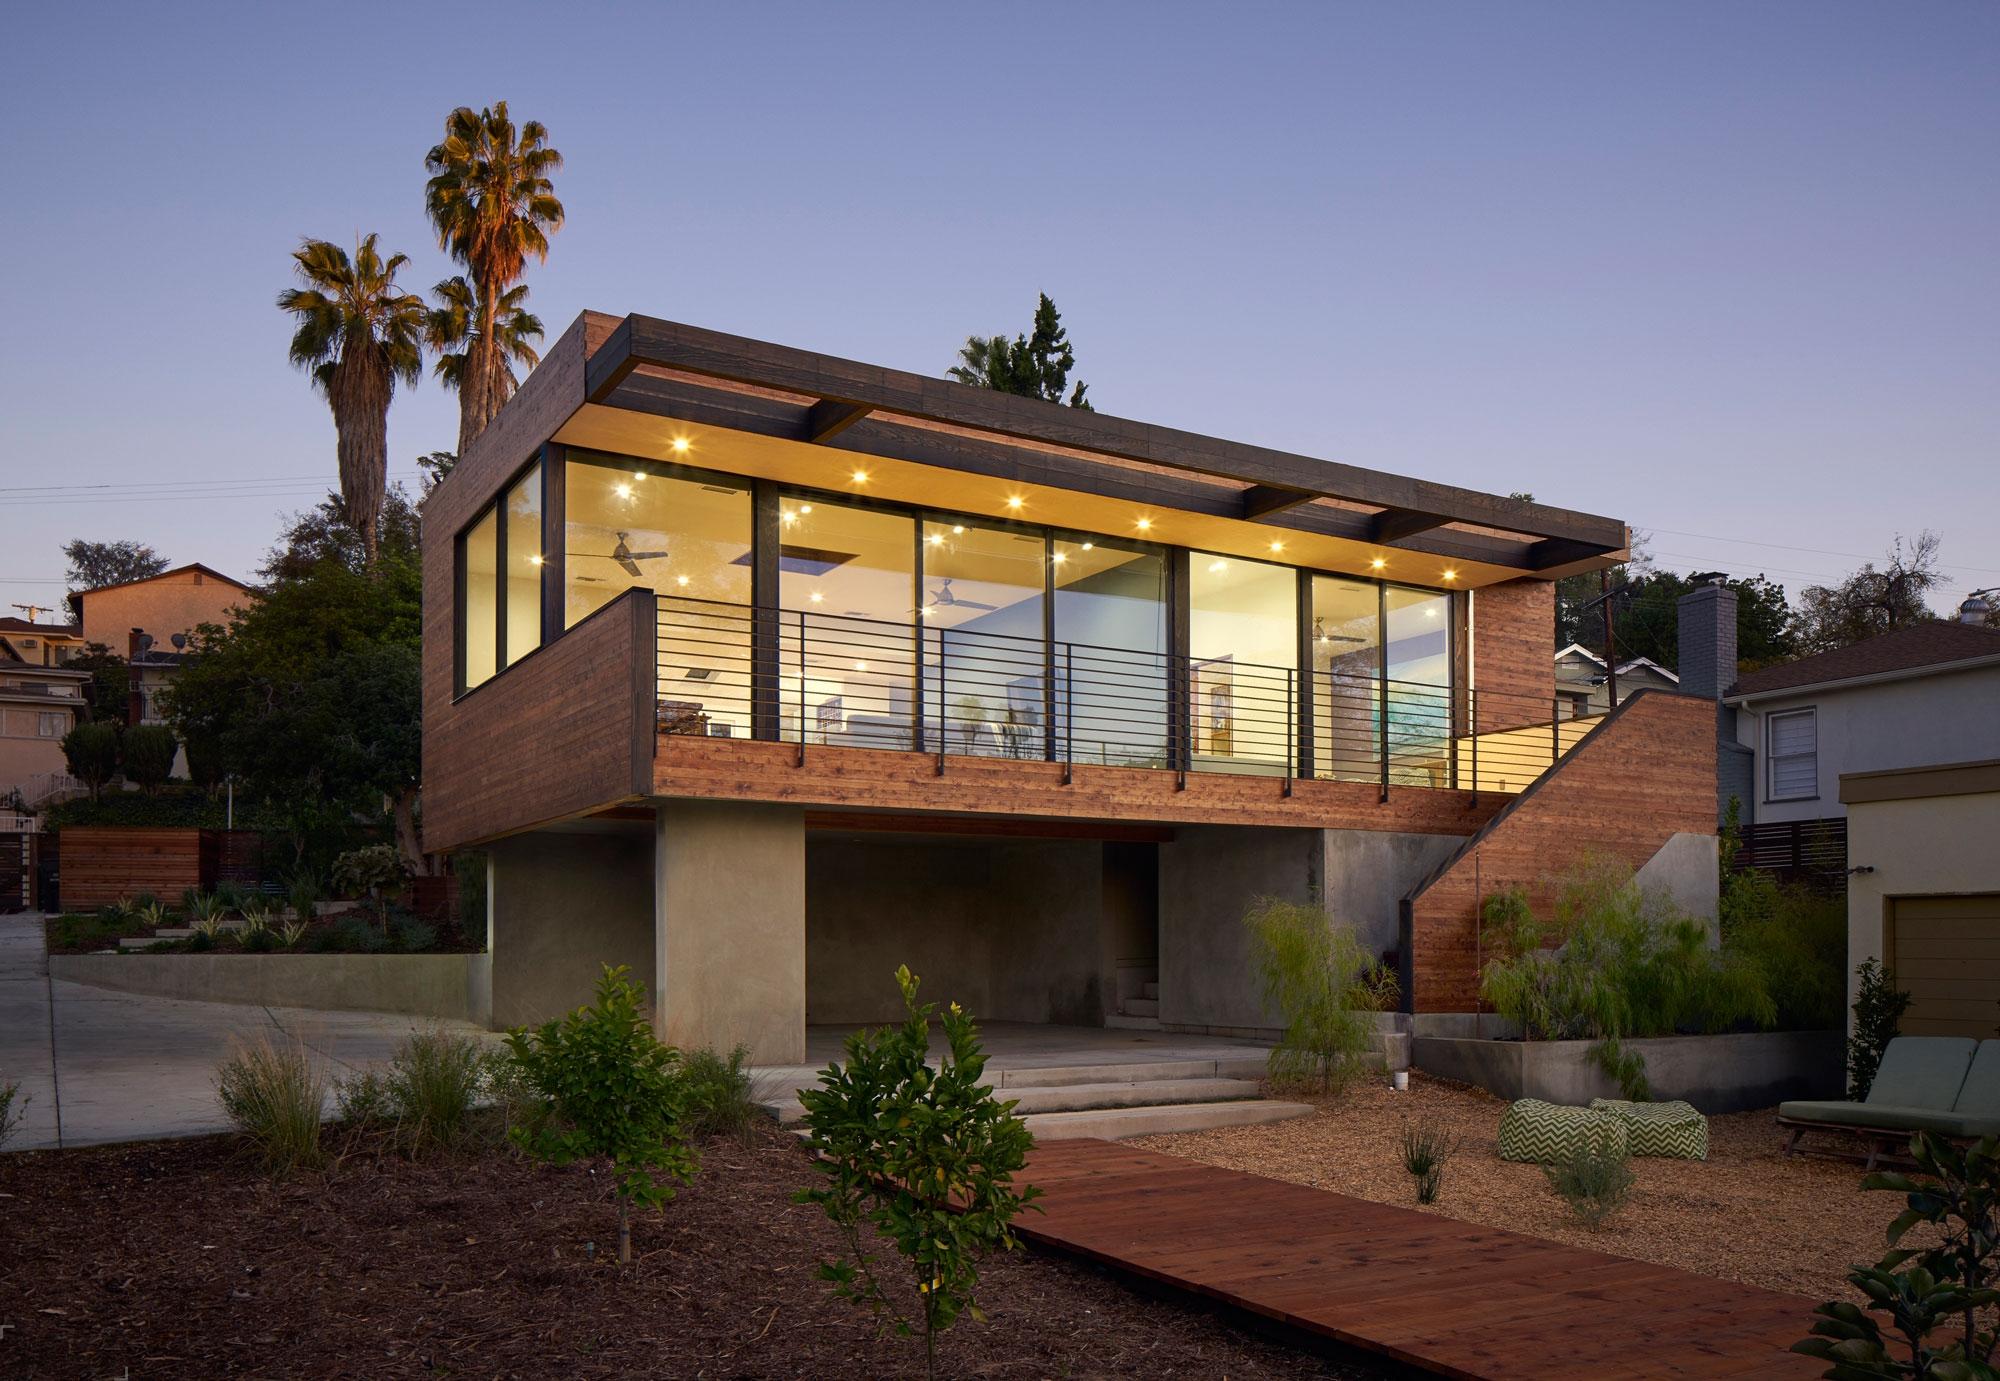 Двухэтажный загородный дом, построенный в 2014 году в Лос-Анджелесе